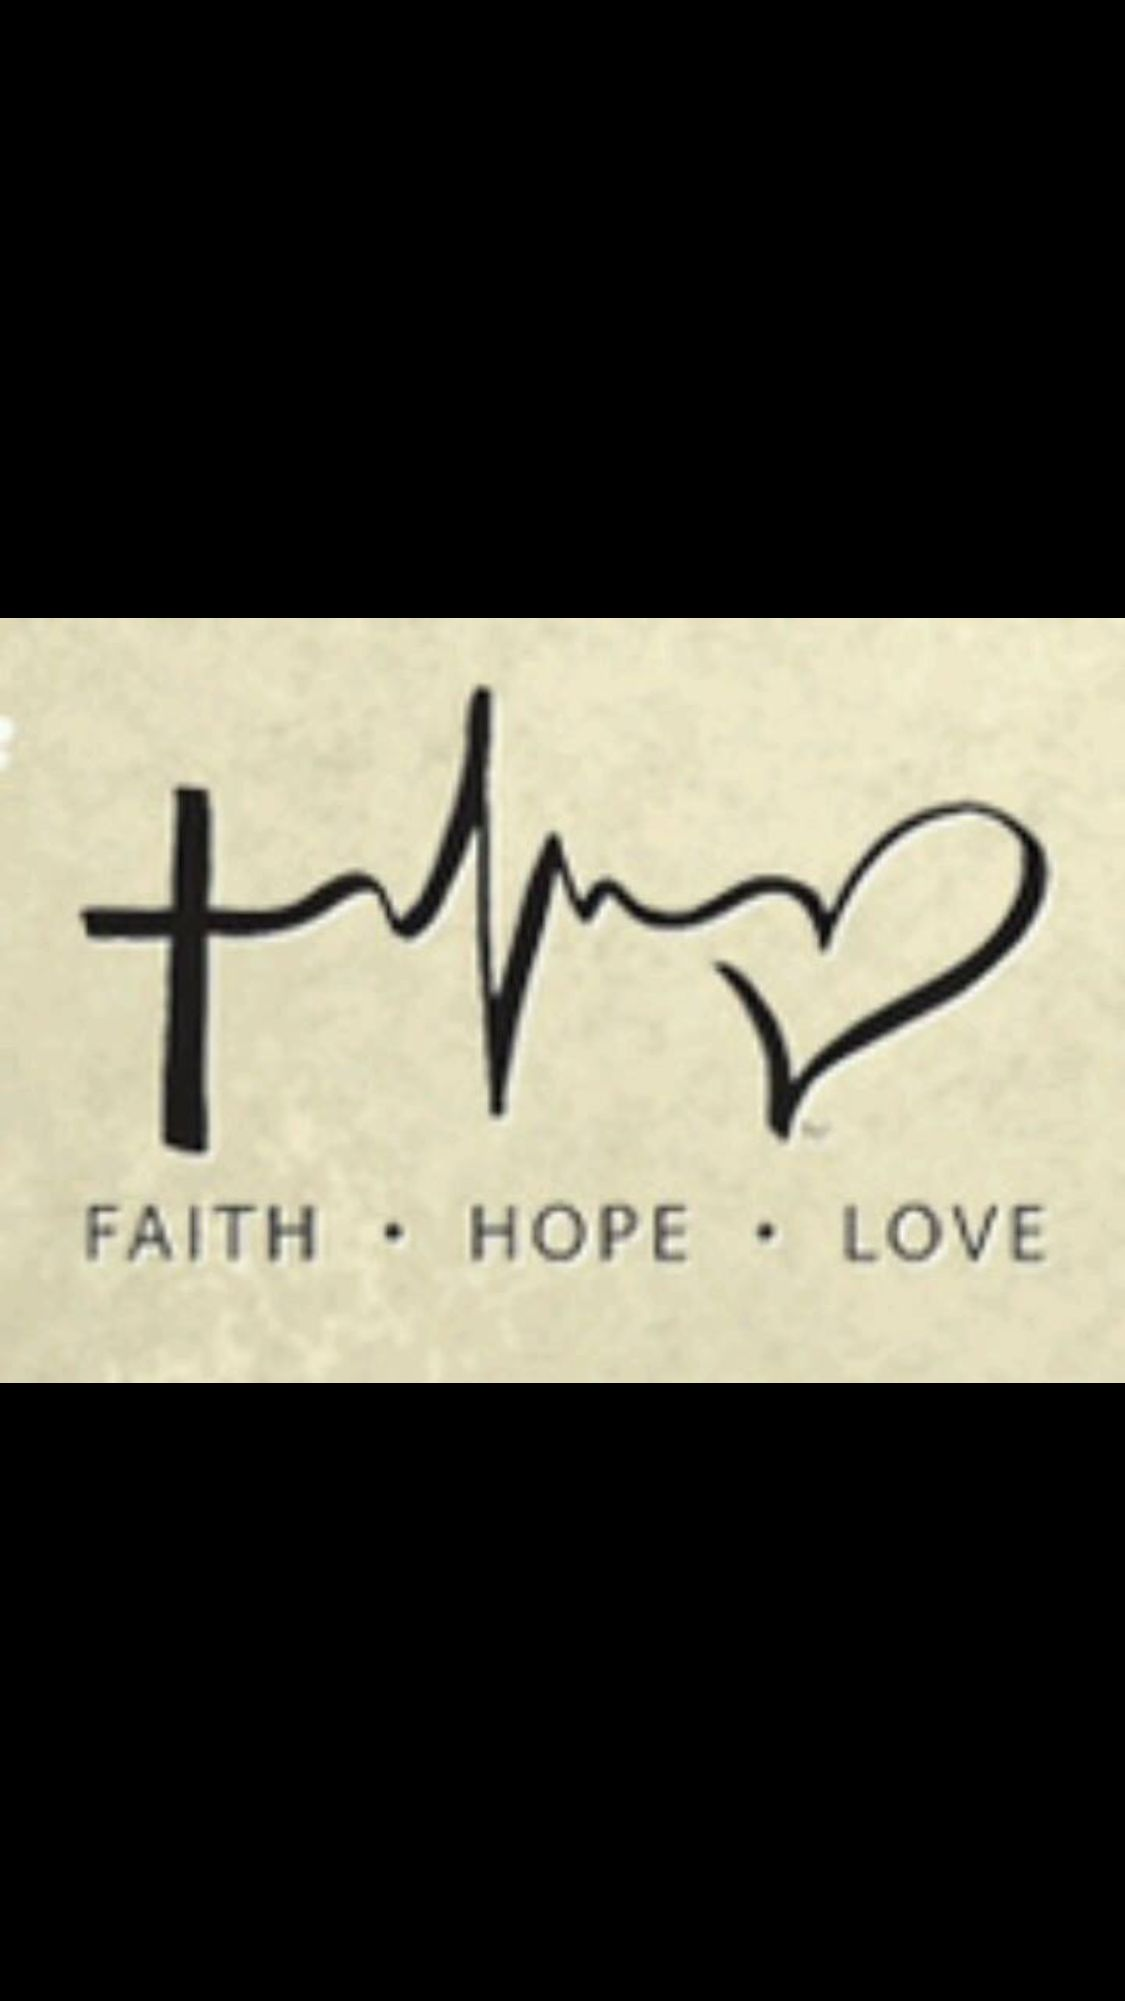 Faith hope love hebrew